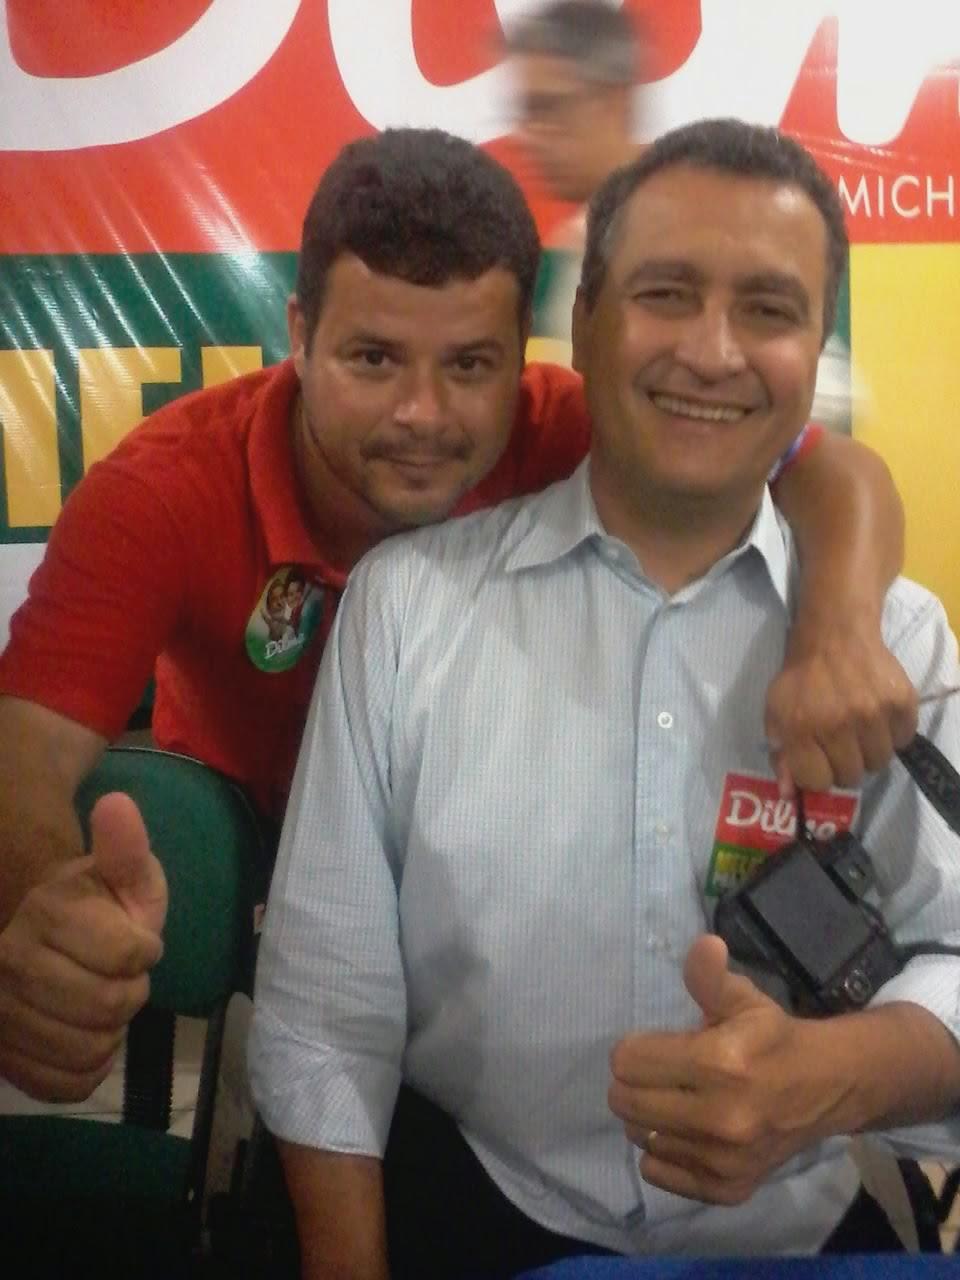 GOVERNADOR RUI COSTA AMIGO E PARCEIRO DESTE BLOG